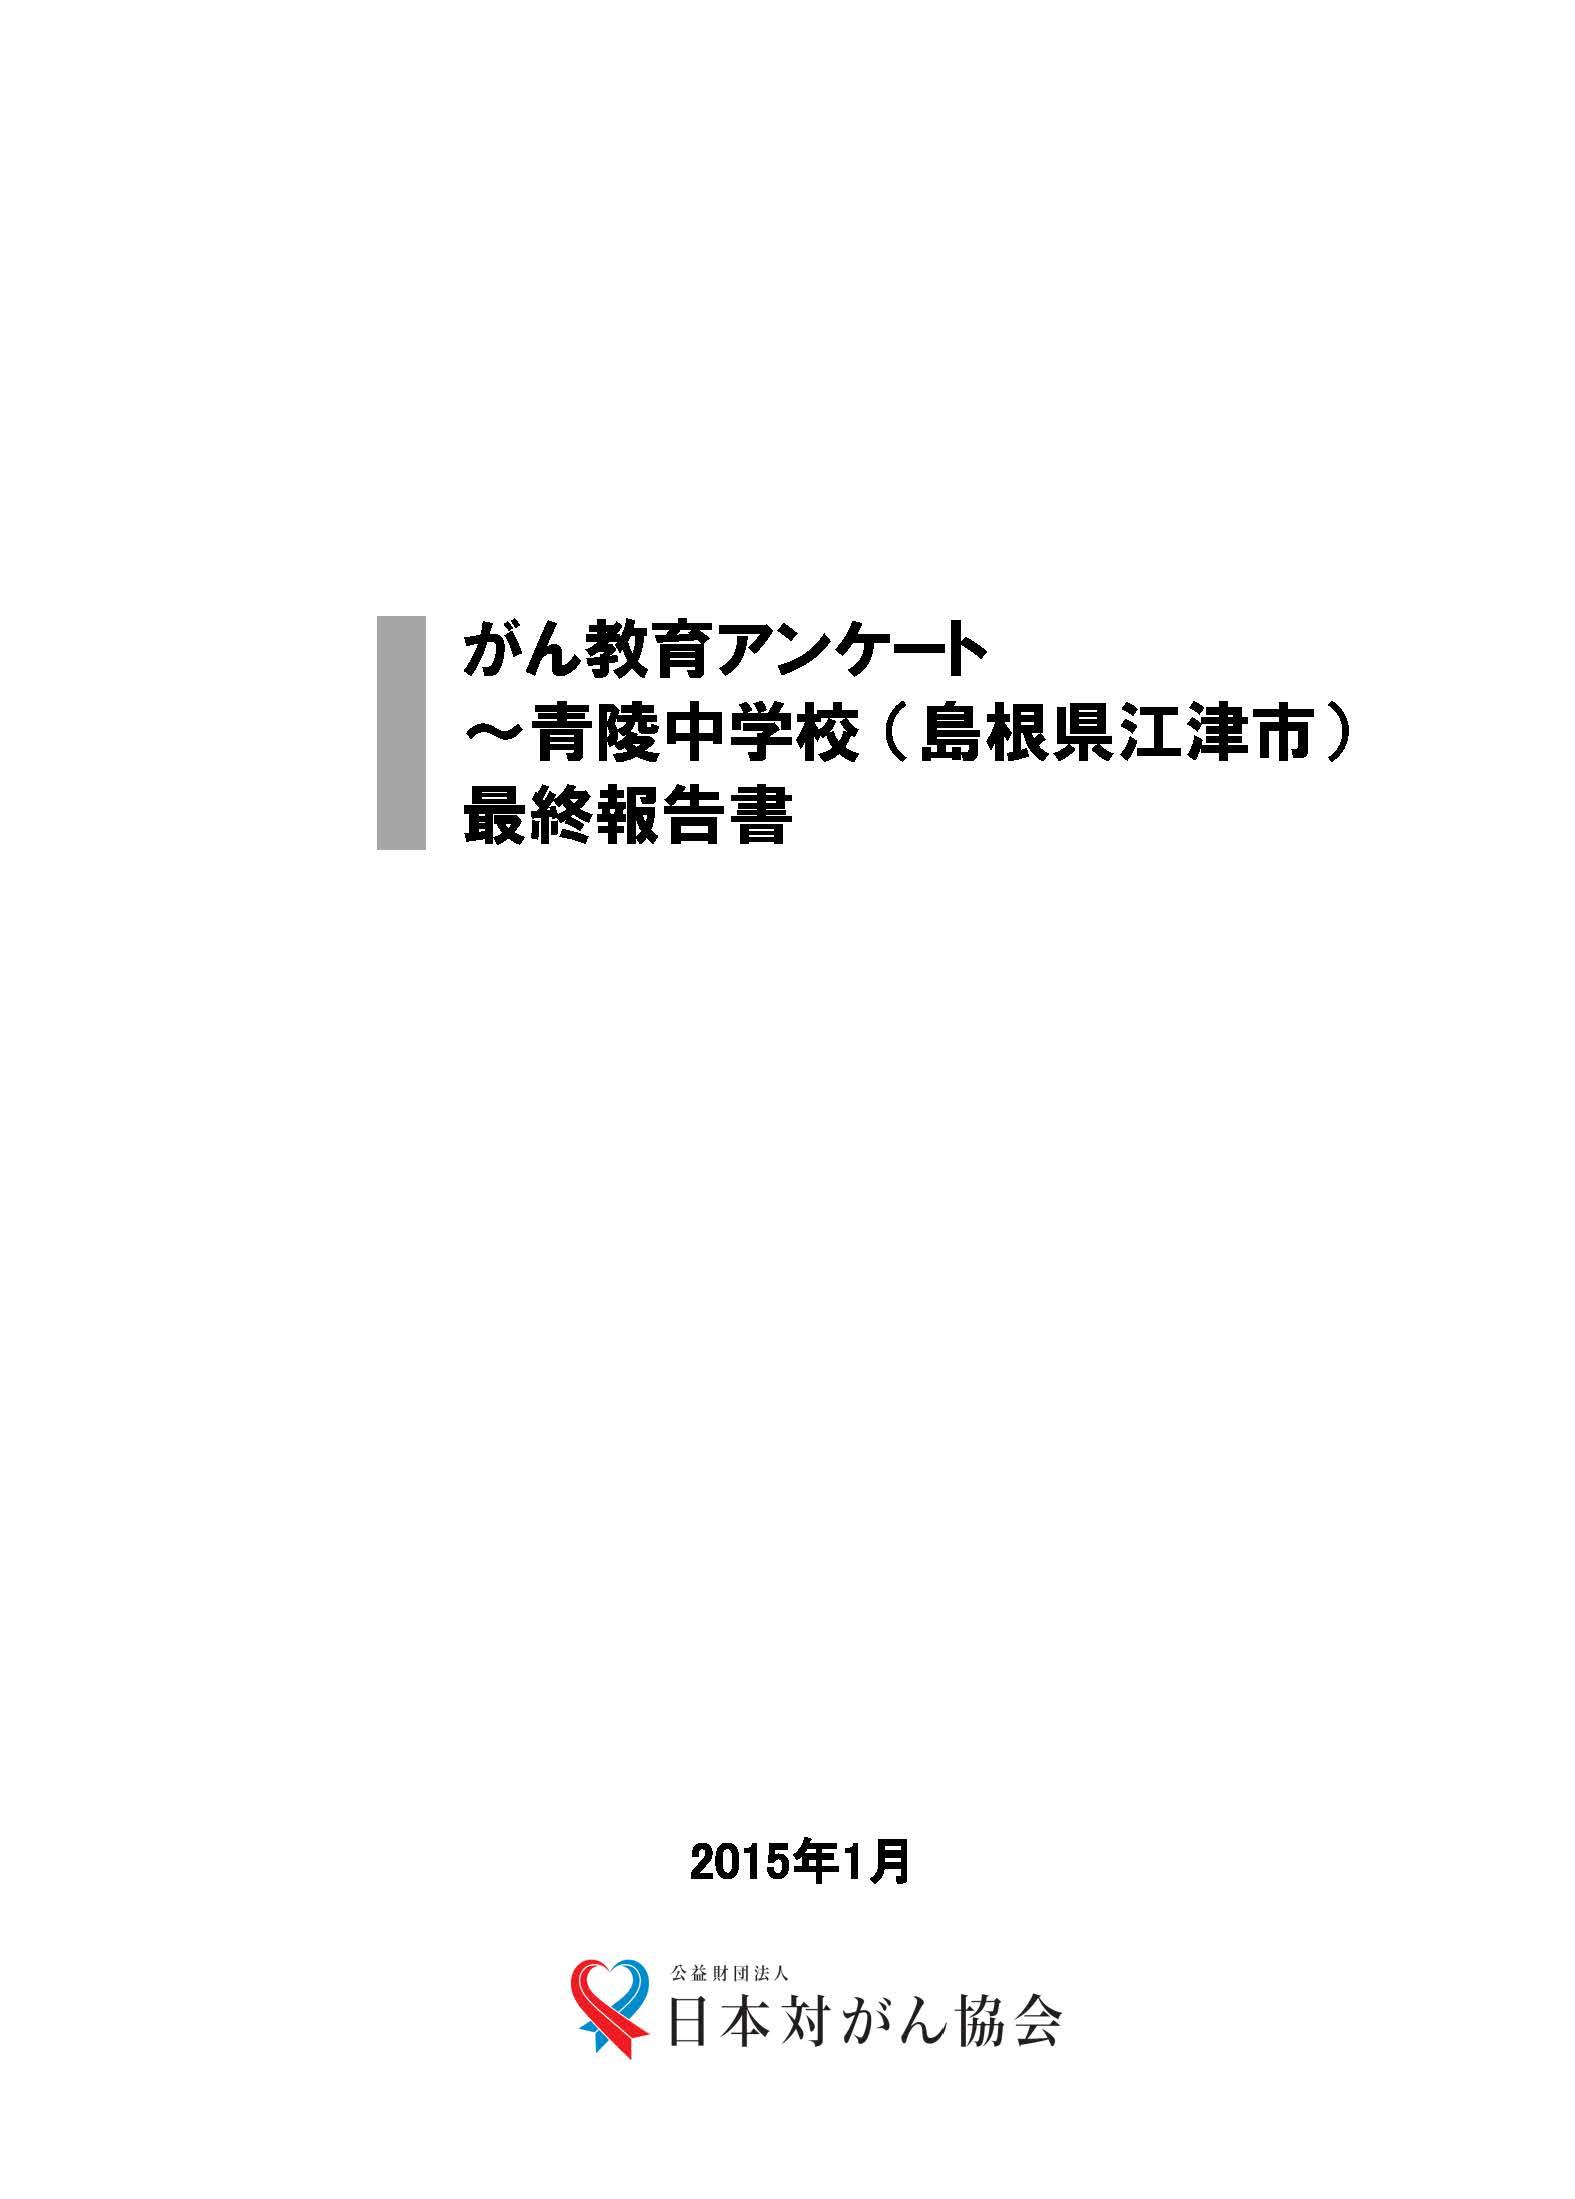 2015年1月_青陵中_アンケート報告書_final_ページ_01